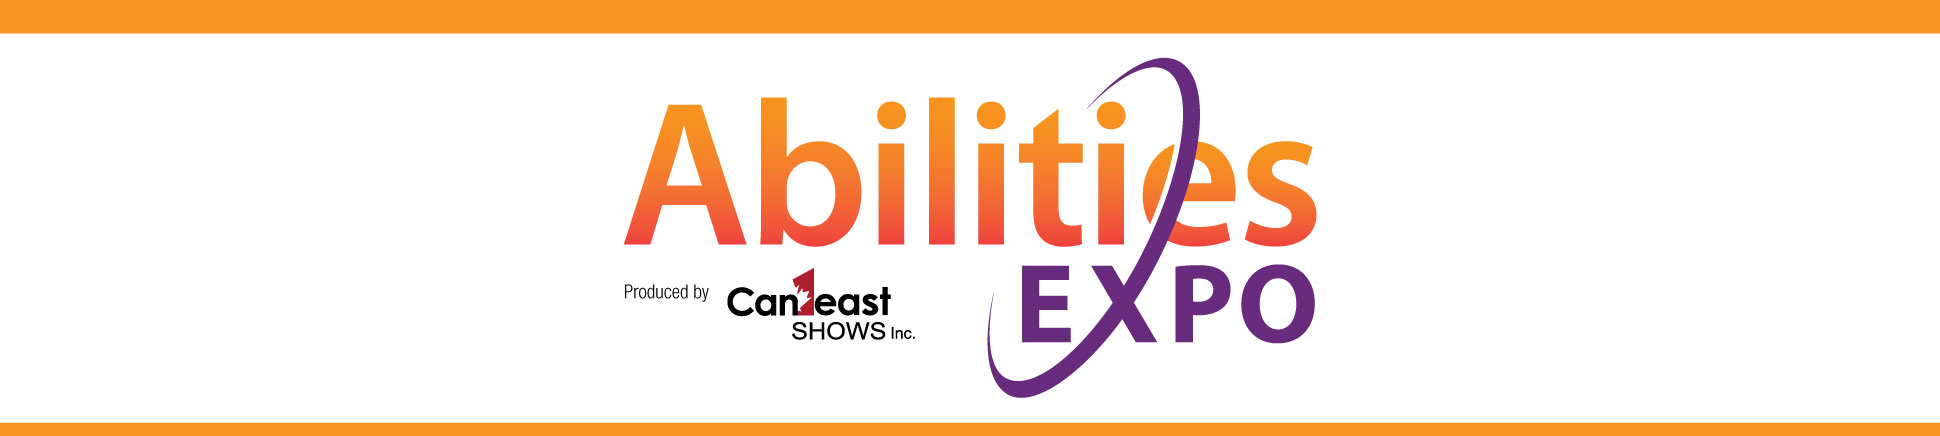 Abilities-Expo